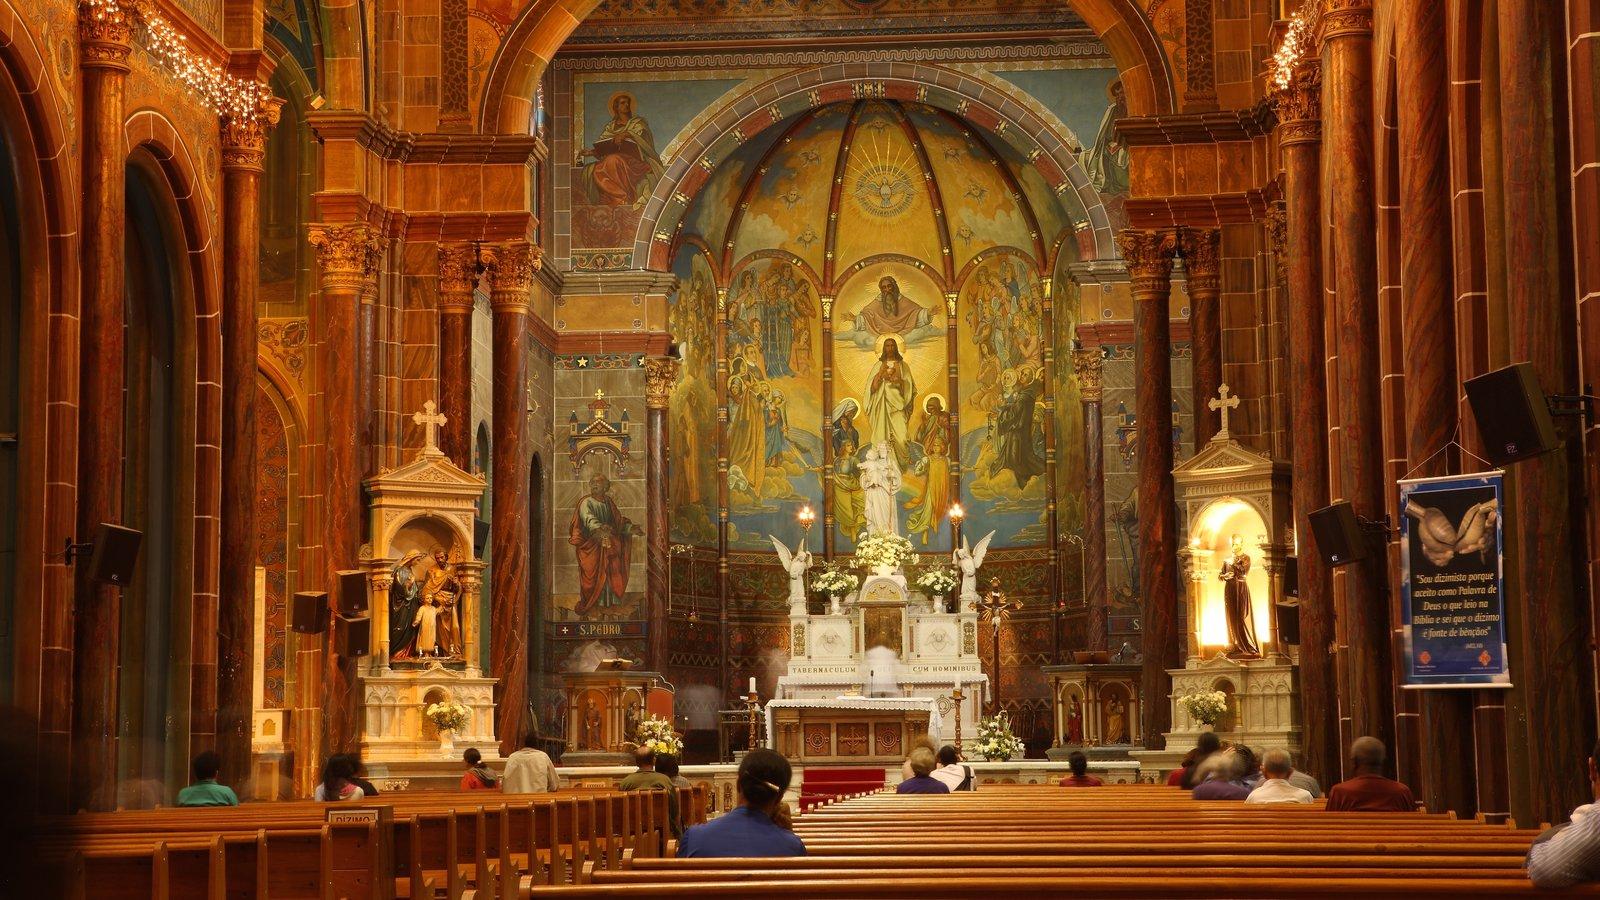 Belo Horizonte caracterizando vistas internas, aspectos religiosos e uma igreja ou catedral